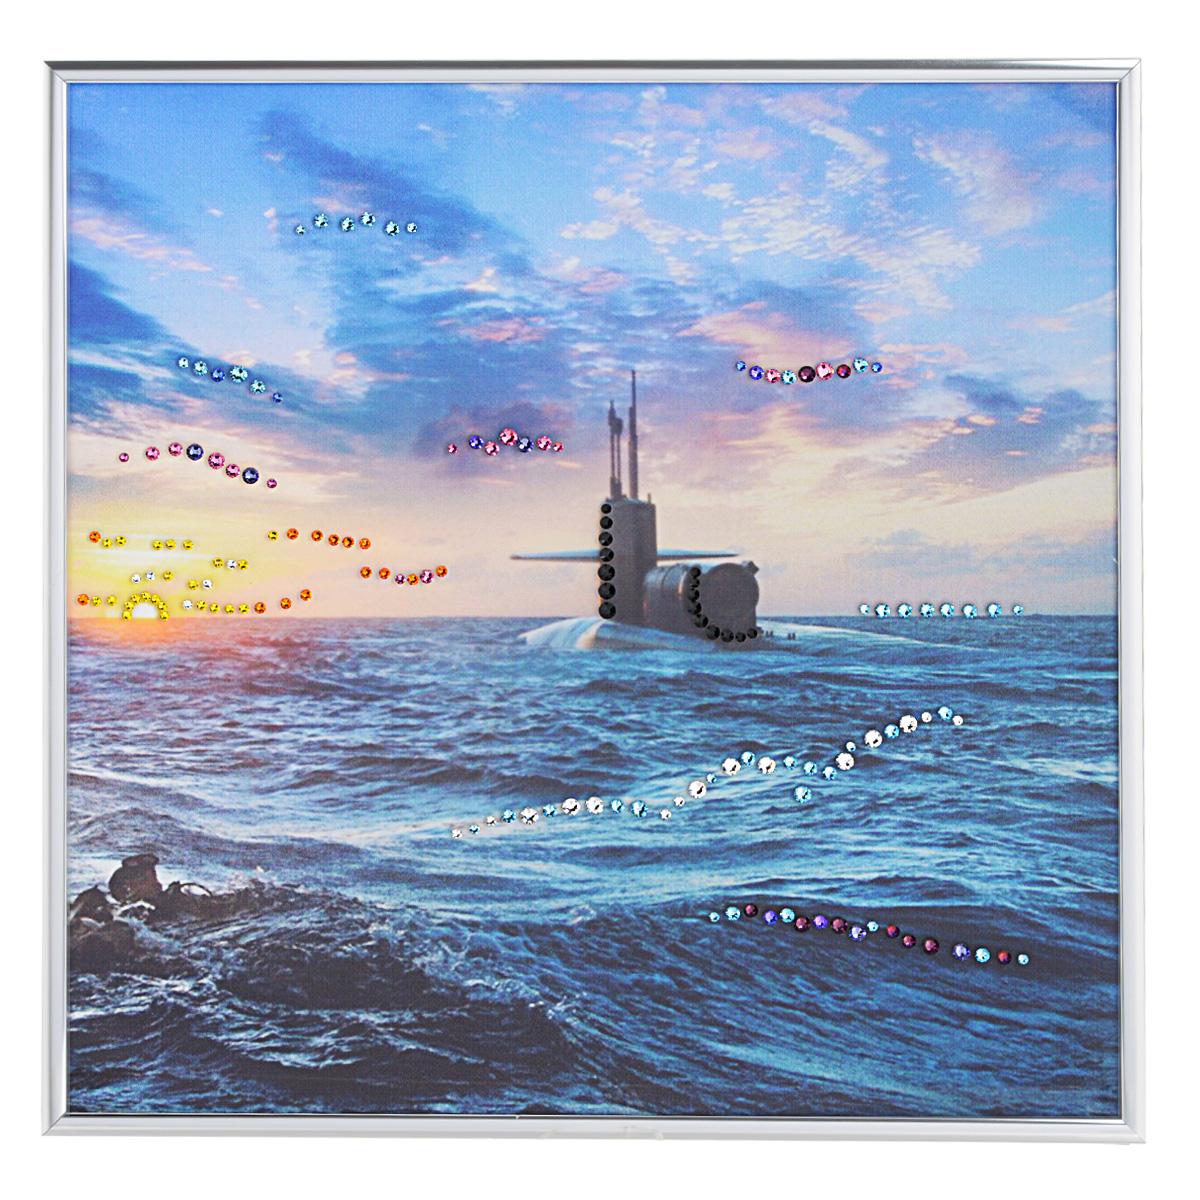 Картина с кристаллами Swarovski Подводная лодка, 30 см х 30 смSG 20Изящная картина в алюминиевой раме Подводная лодка инкрустирована кристаллами Swarovski, которые отличаются четкой и ровной огранкой, ярким блеском и чистотой цвета. Идеально подобранная палитра кристаллов прекрасно дополняет картину. С задней стороны изделие оснащено специальной металлической петелькой для размещения на стене. Картина с кристаллами Swarovski элегантно украсит интерьер дома, а также станет прекрасным подарком, который обязательно понравится получателю. Блеск кристаллов в интерьере - что может быть сказочнее и удивительнее. Изделие упаковано в подарочную картонную коробку синего цвета и комплектуется сертификатом соответствия Swarovski.